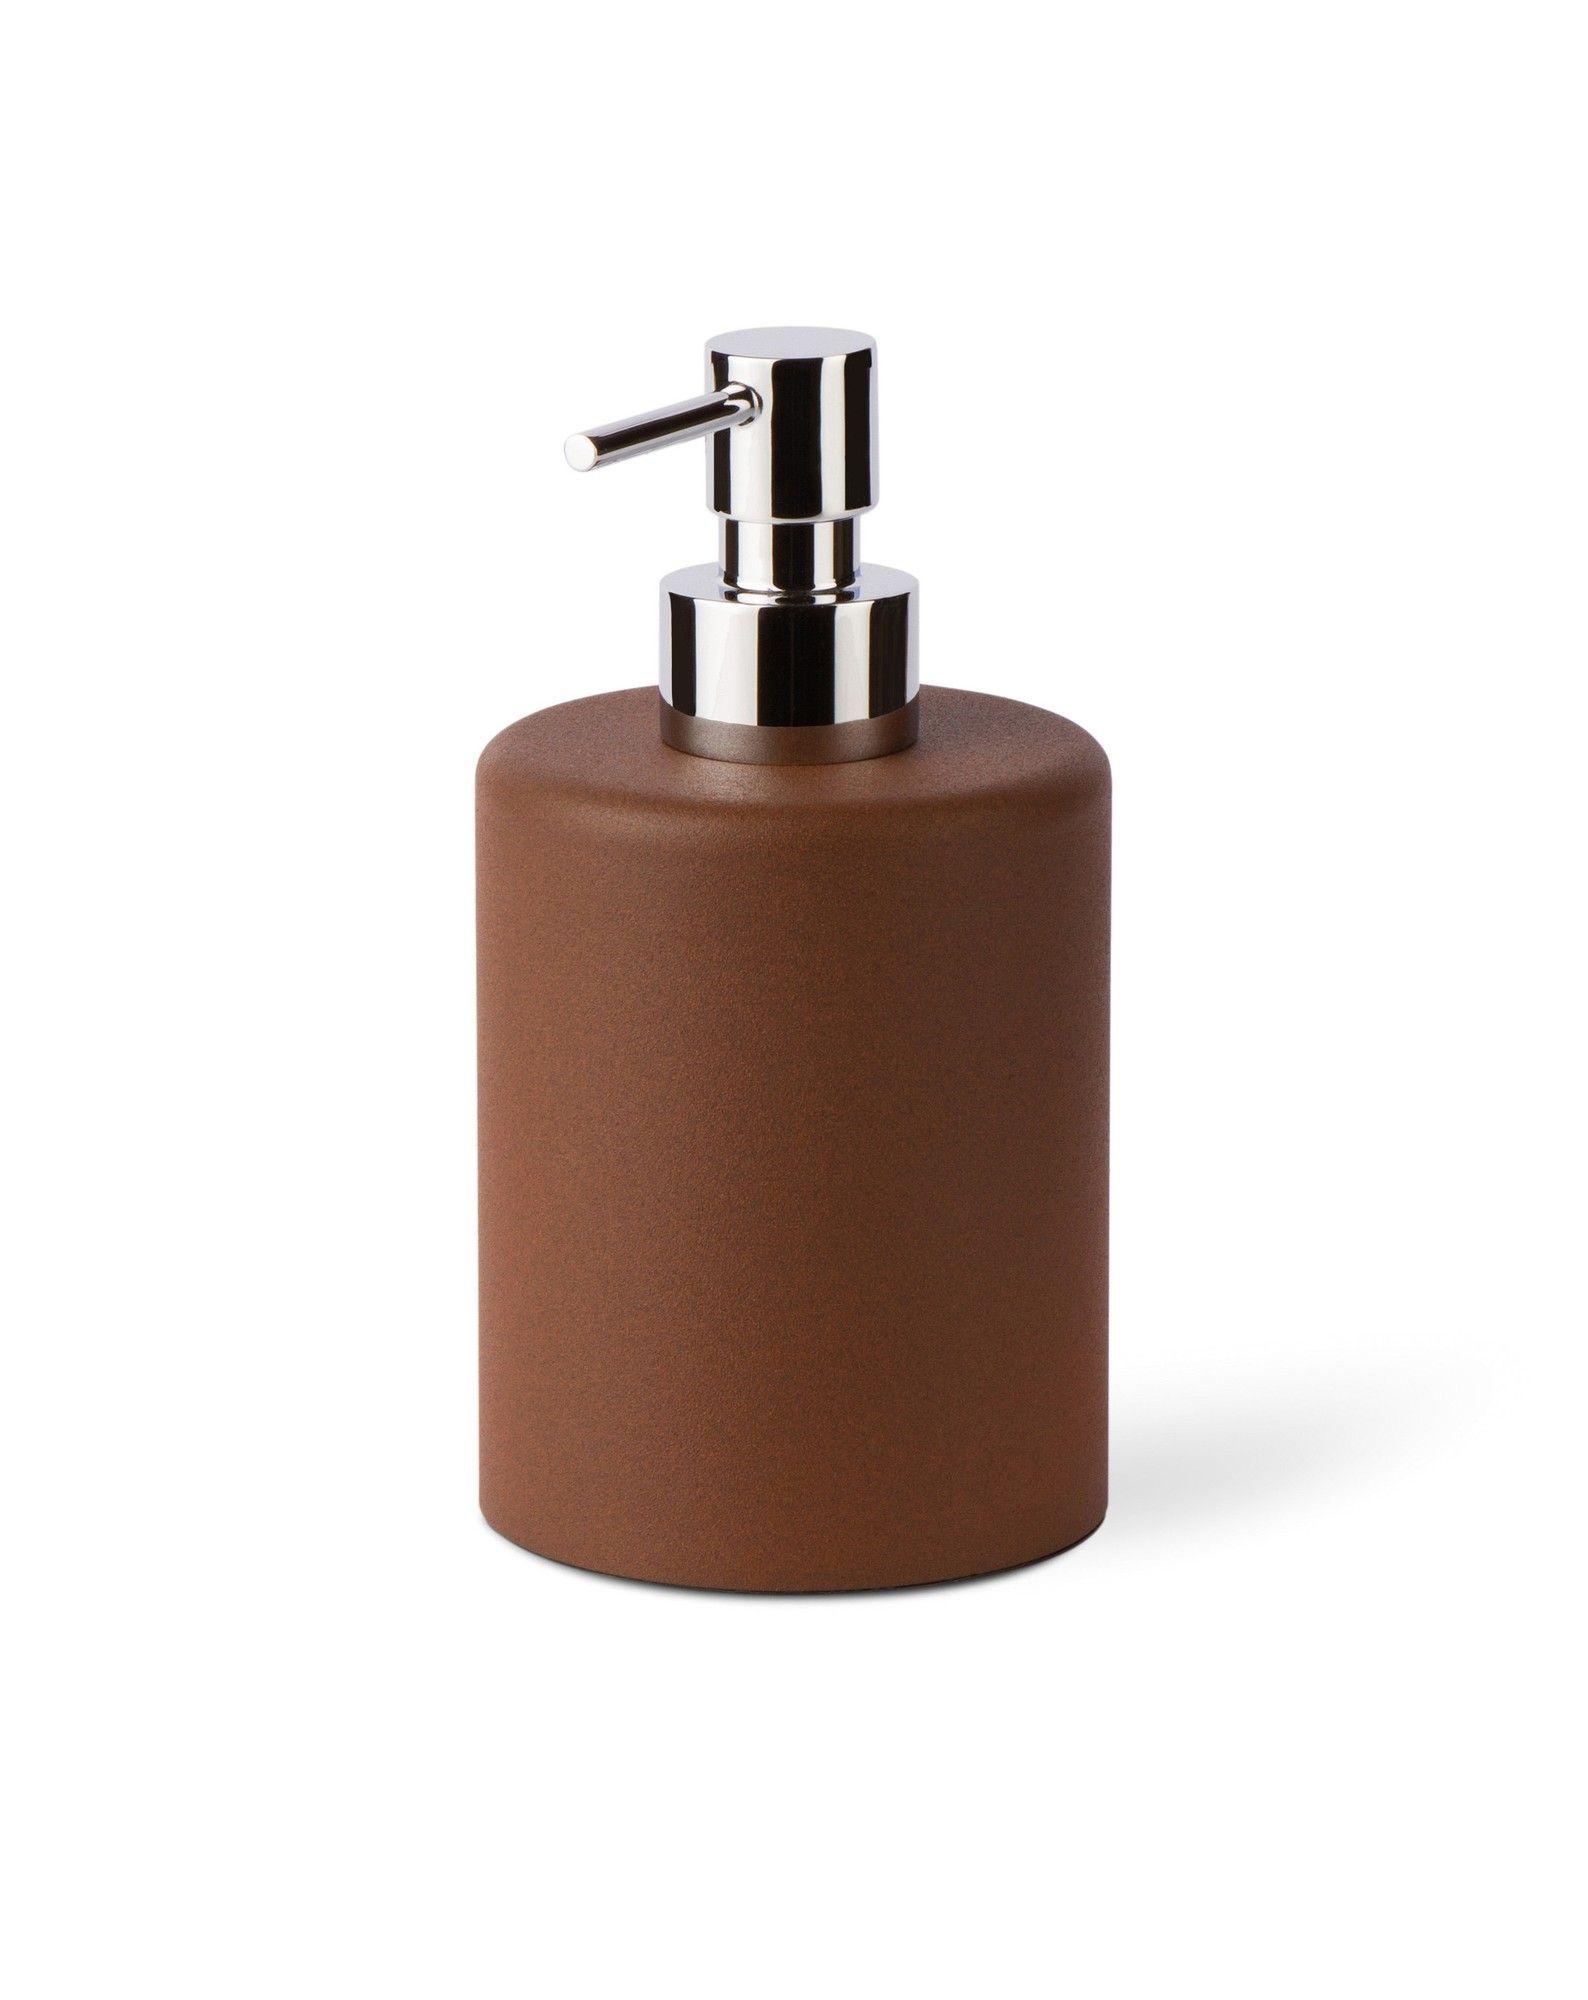 Saon Liquid Soap Dispenser in Painted Aluminum